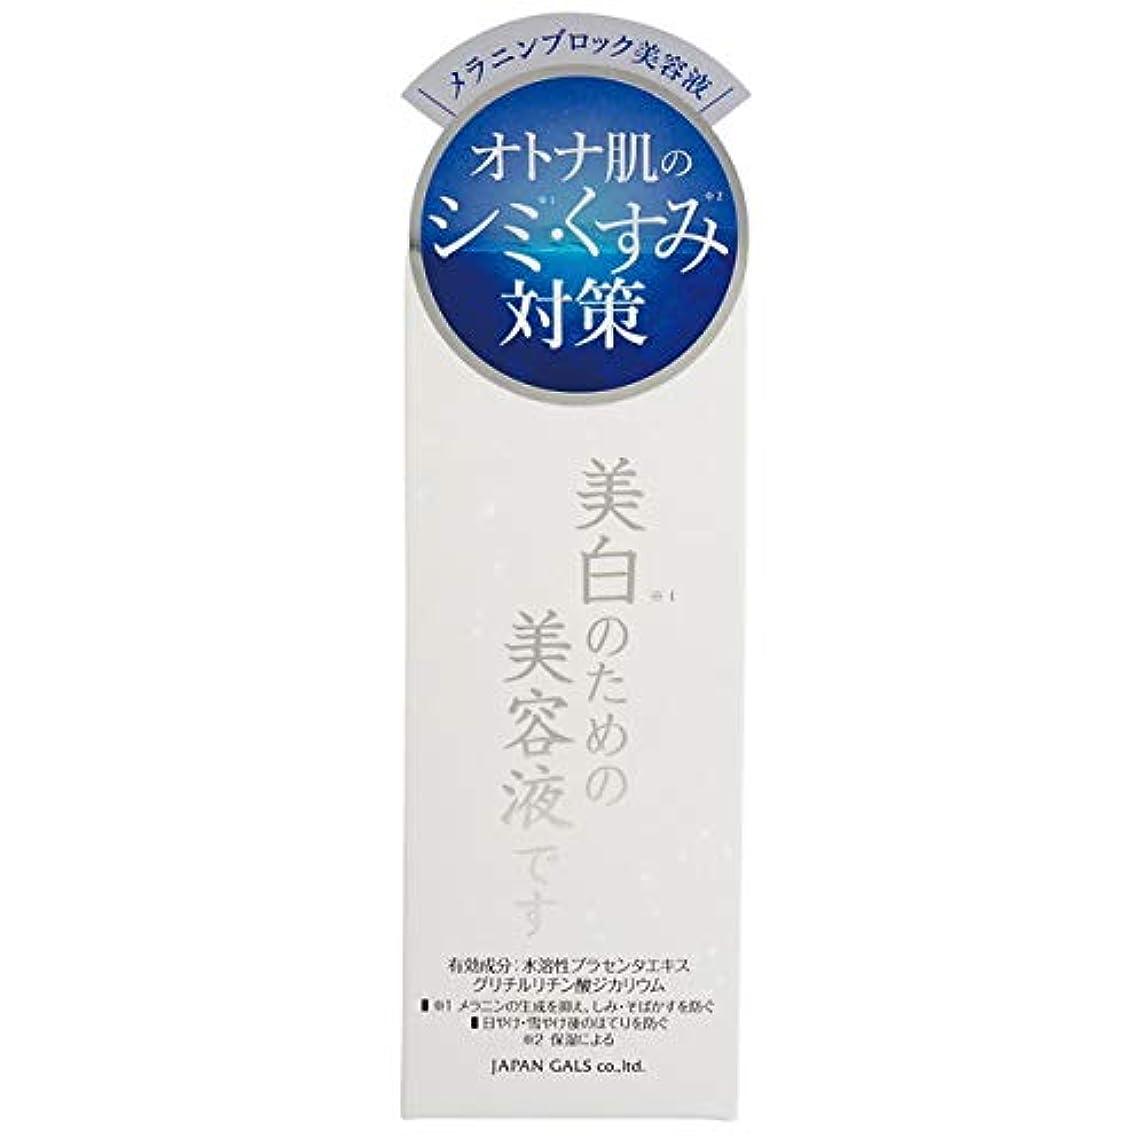 検索非難する休眠ジャパンギャルズ ホワイトセラム30ML 美容液 W44×D44×H135mm